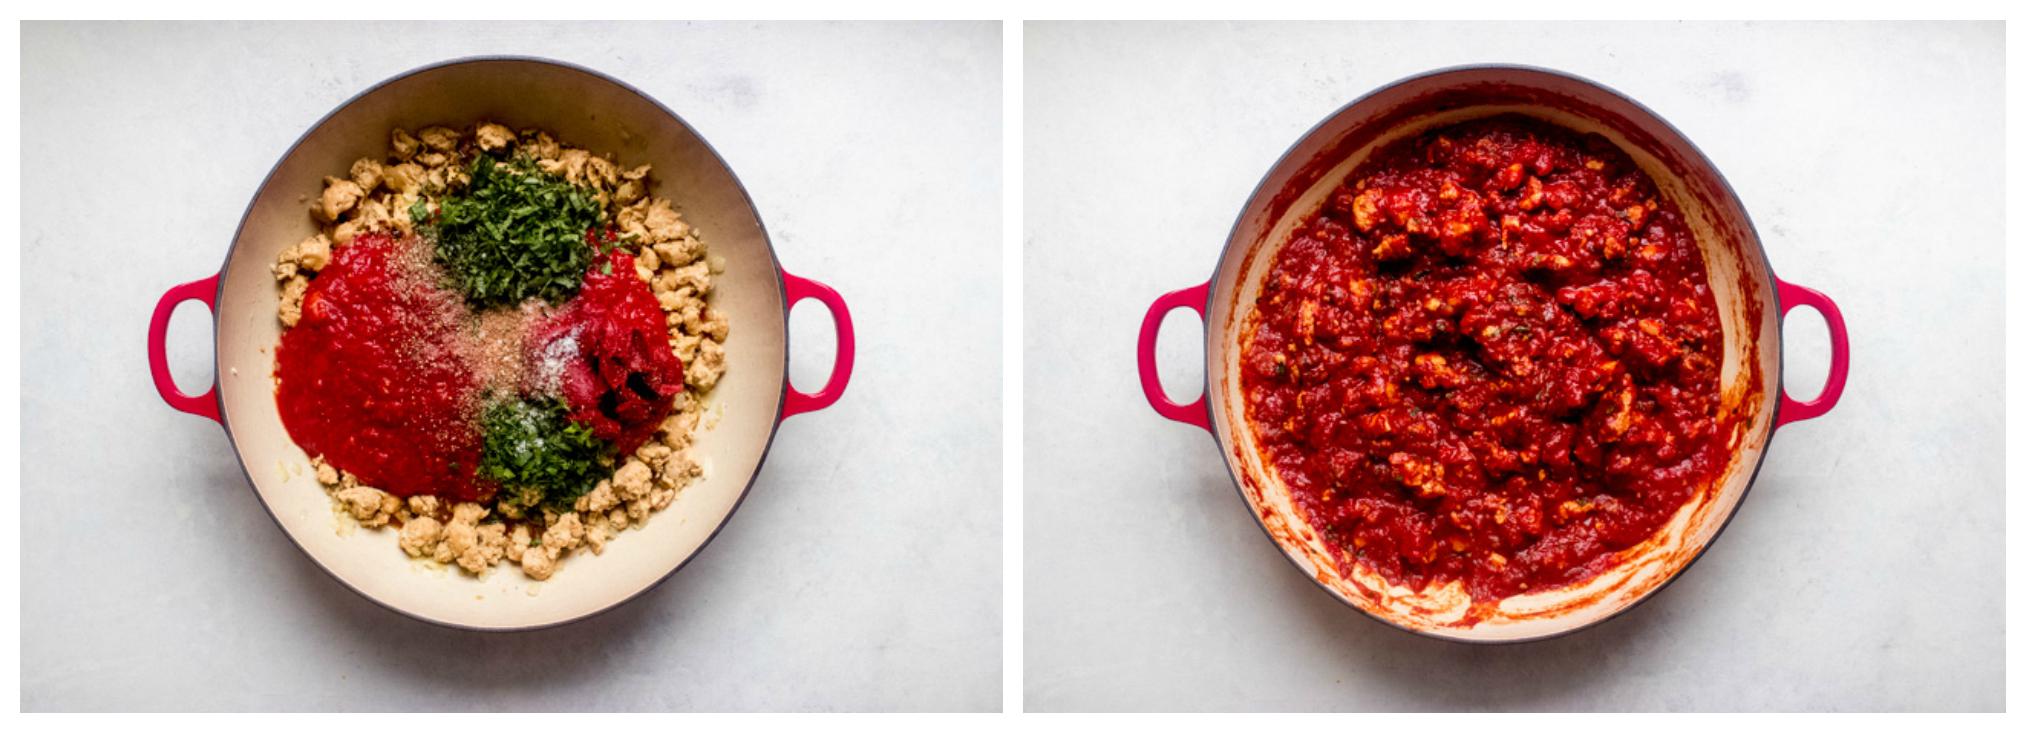 tomato sauce in skillet